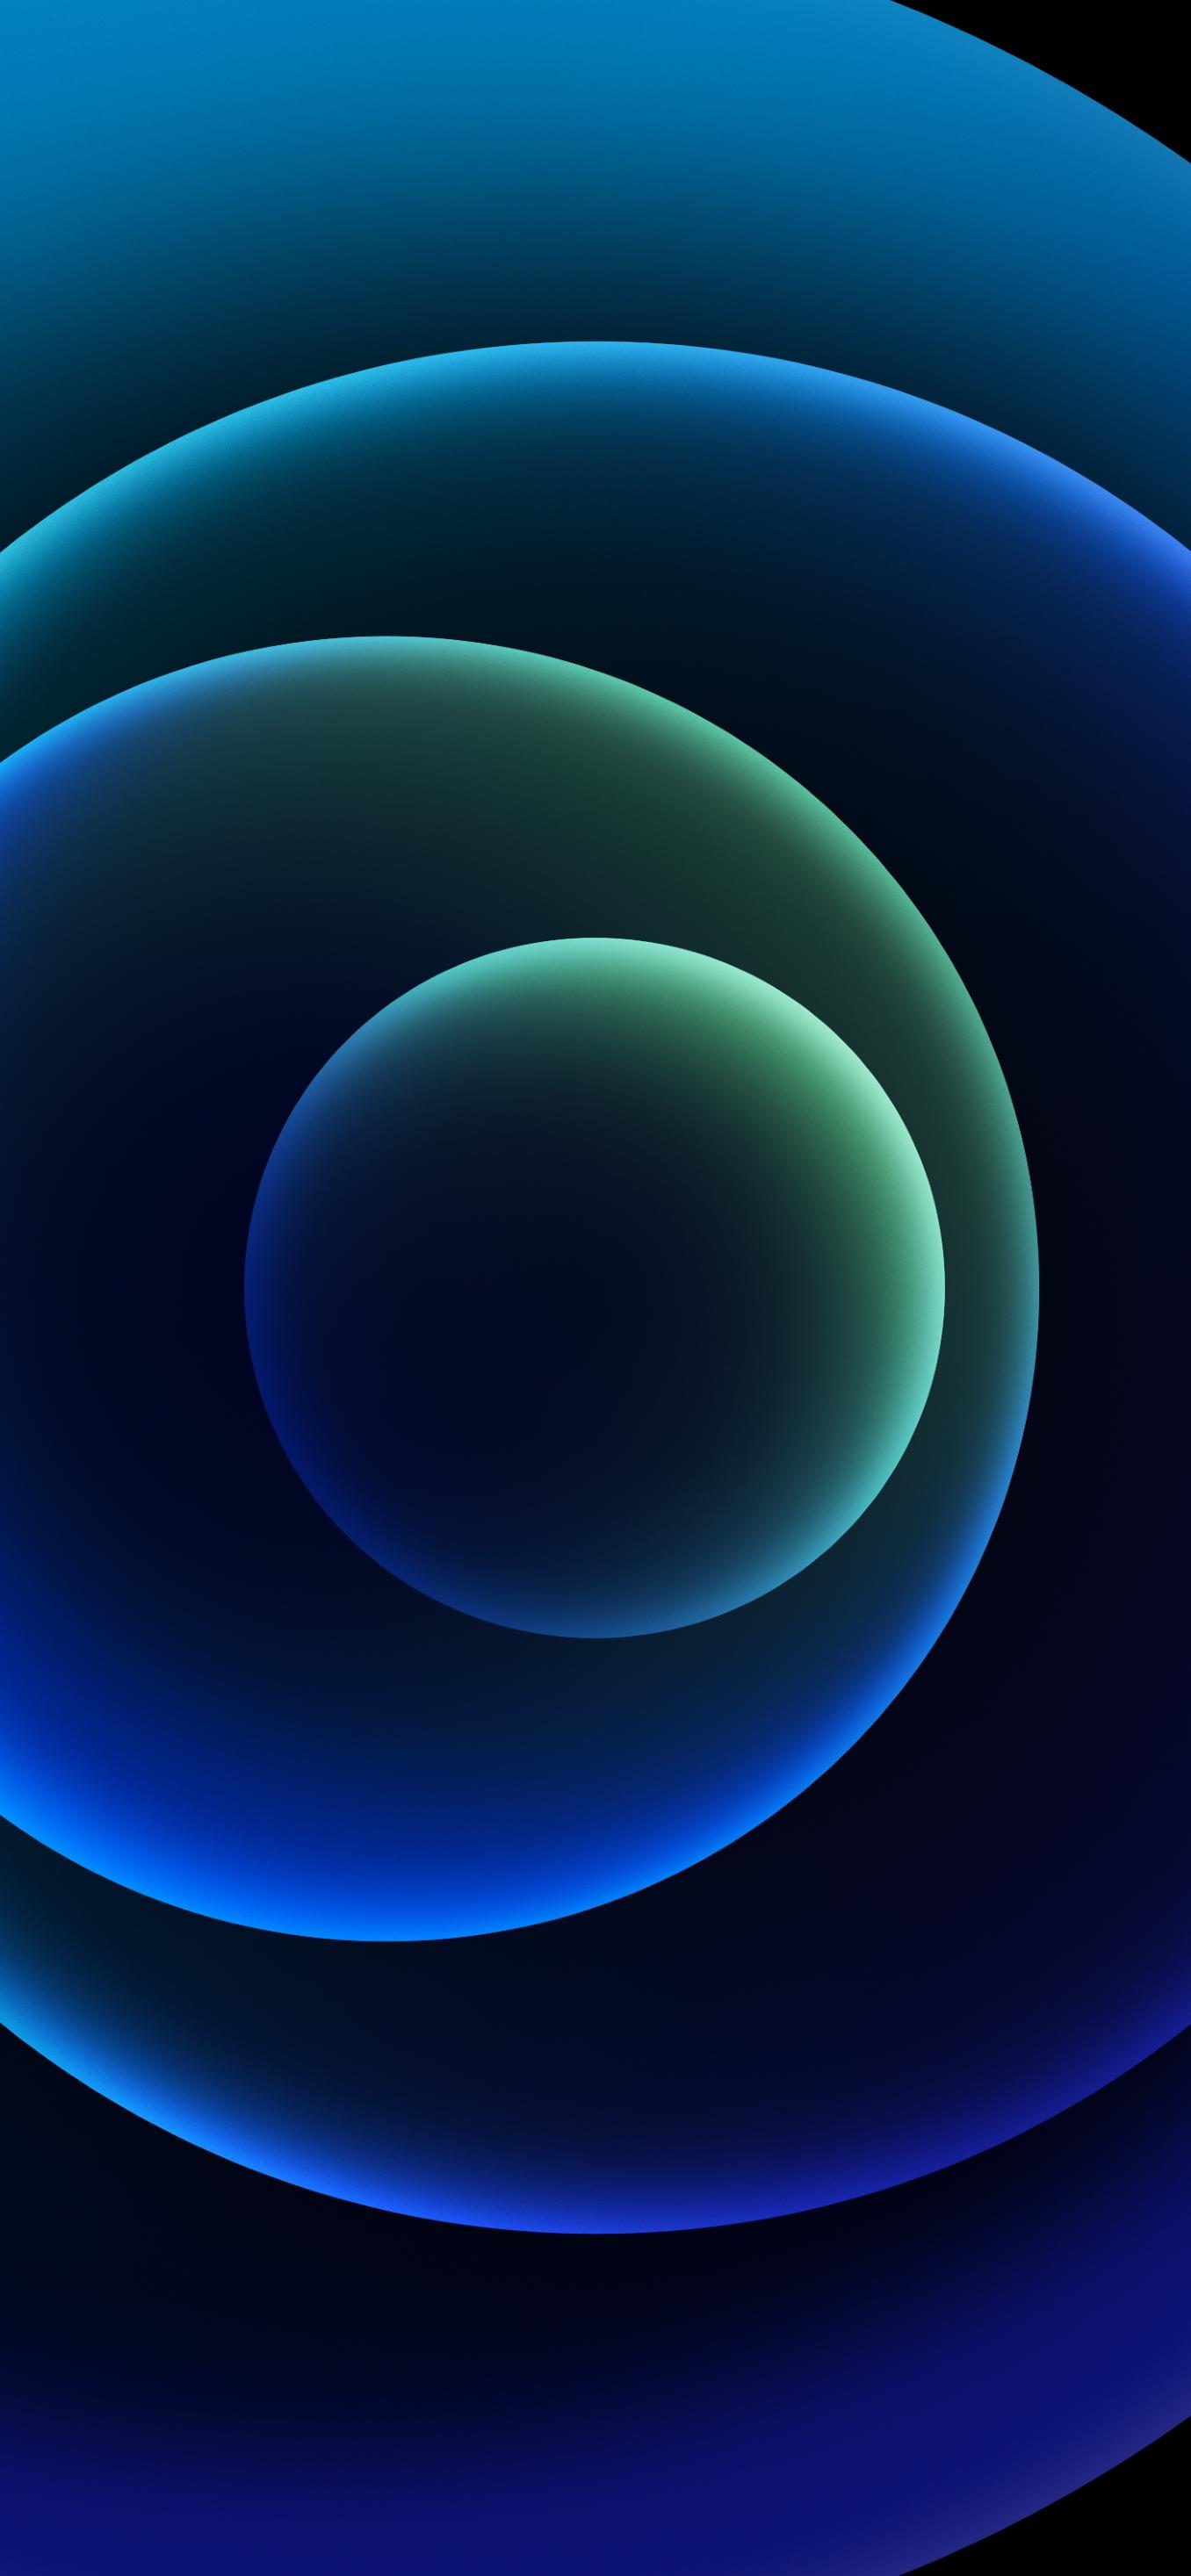 Hình nền iPhone 12 xanh biển đen